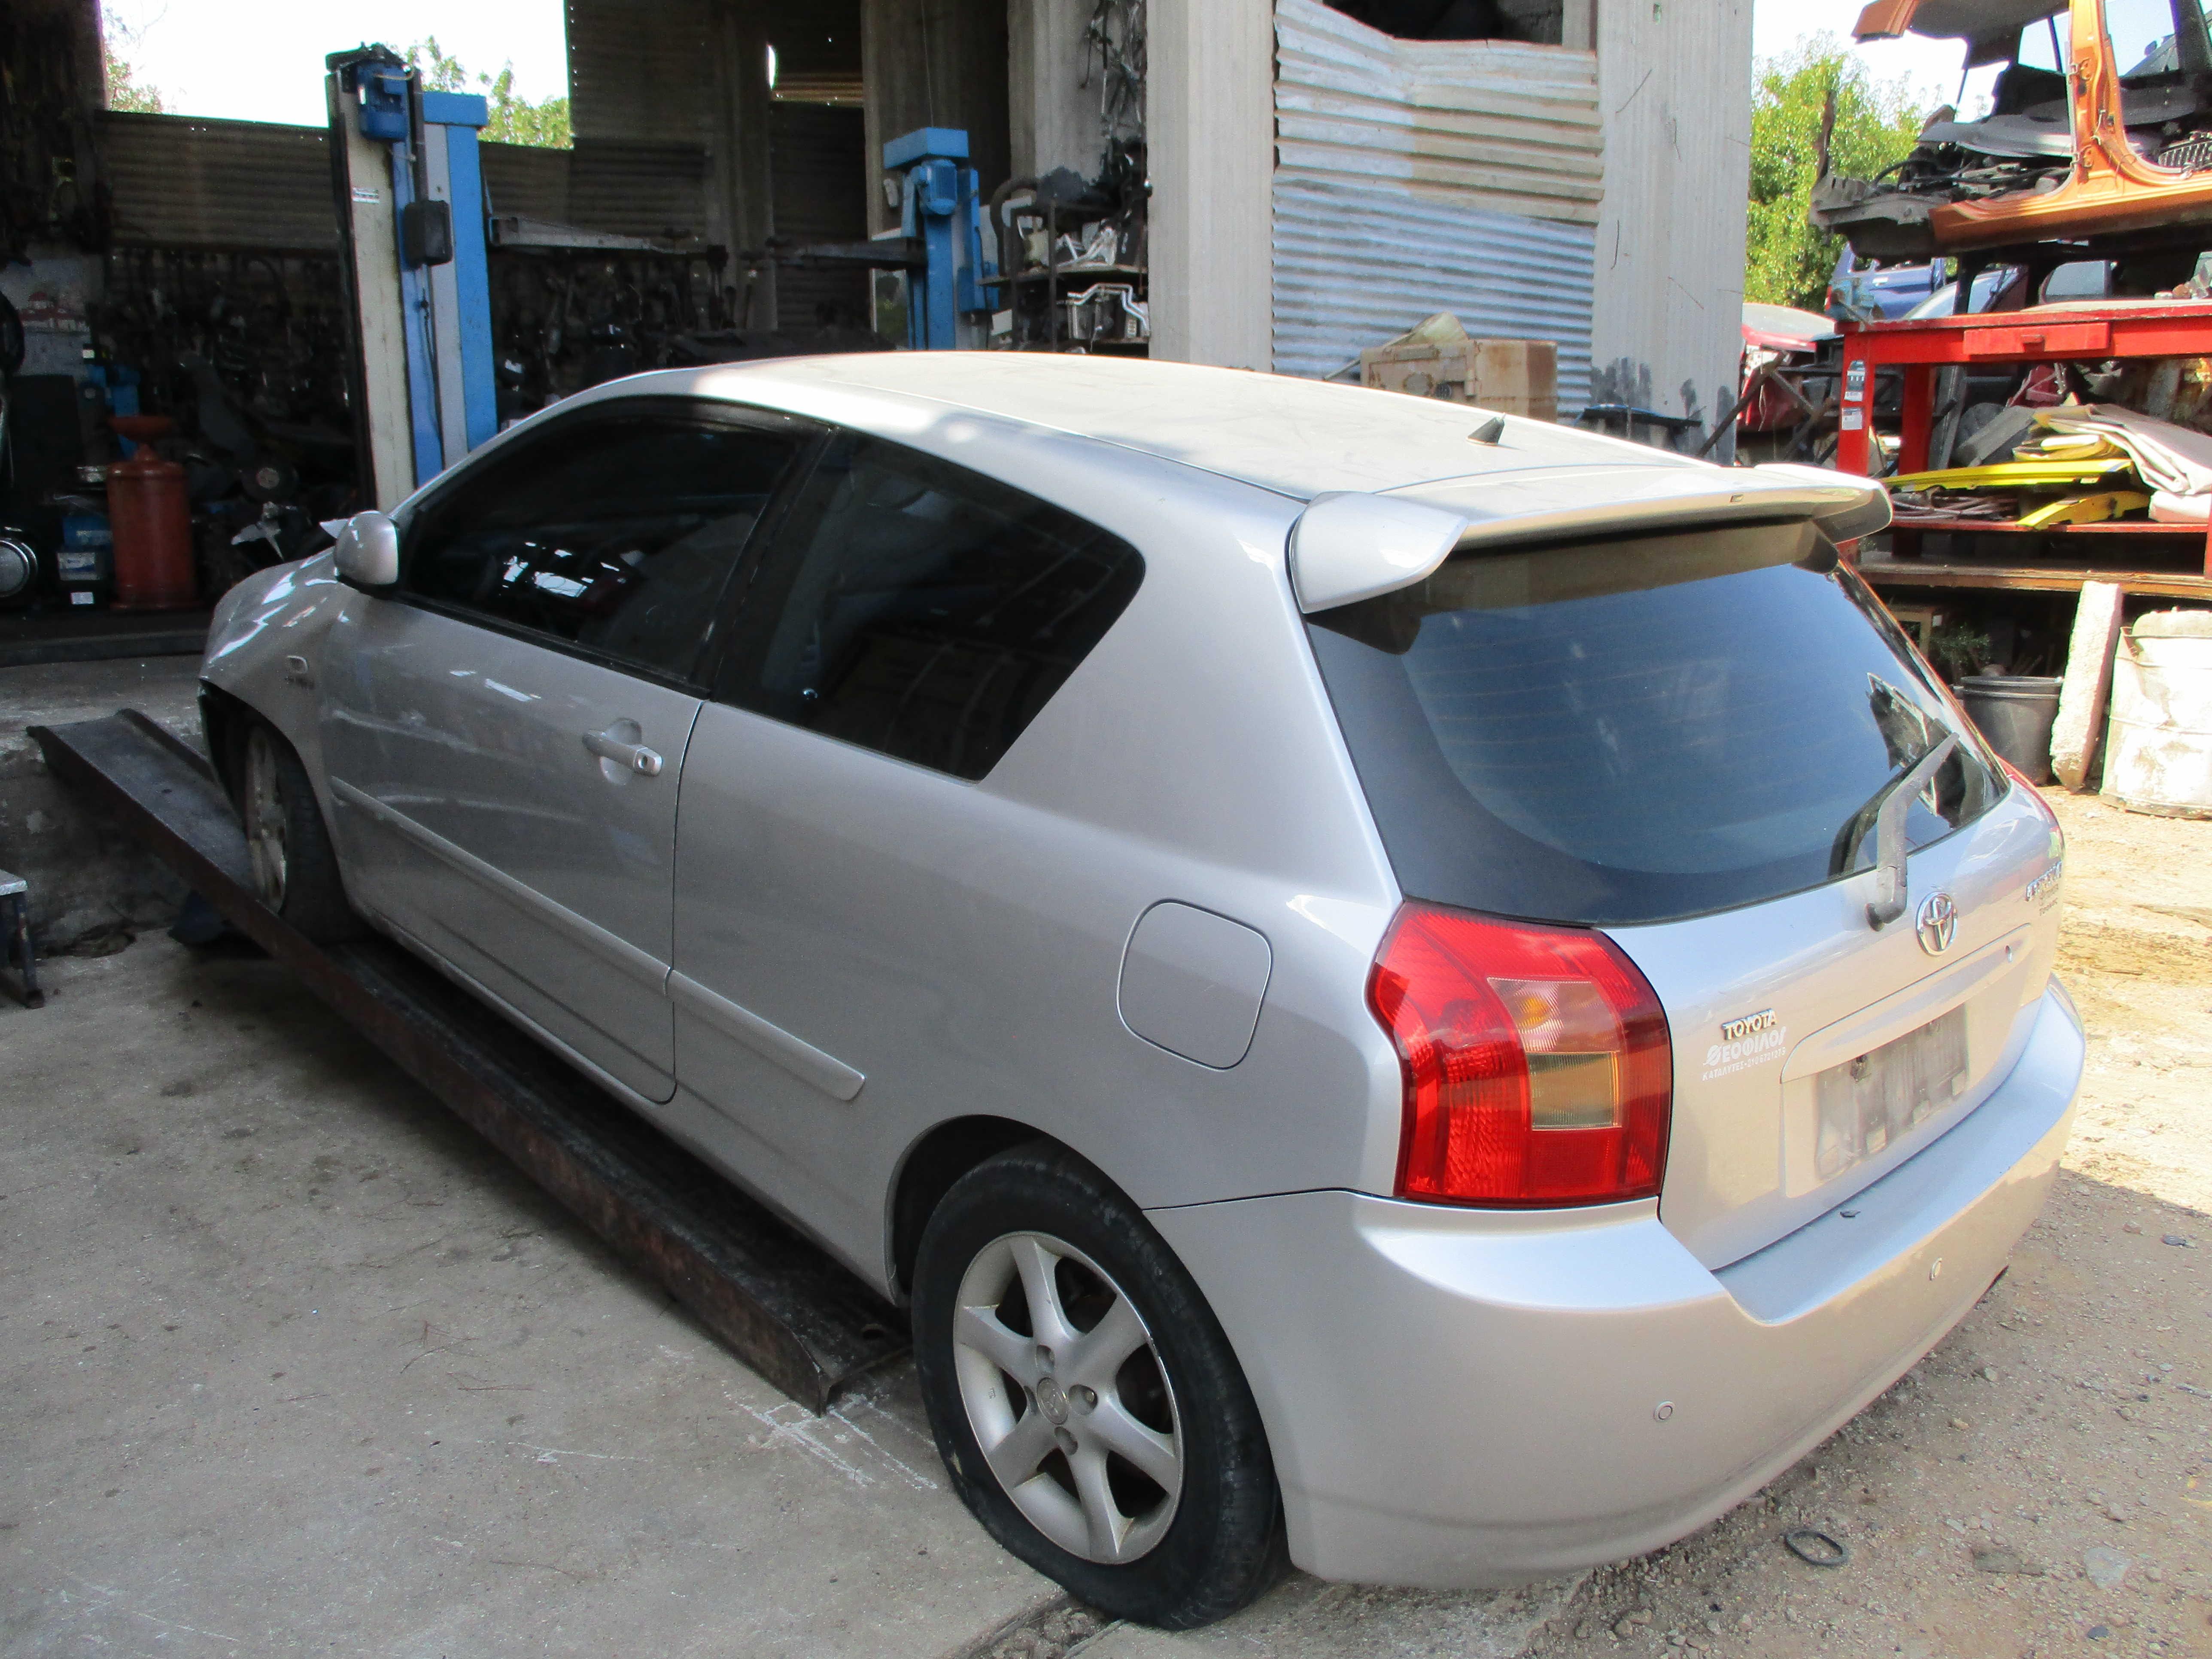 Αφαλοί πορτών Toyota Corolla '02